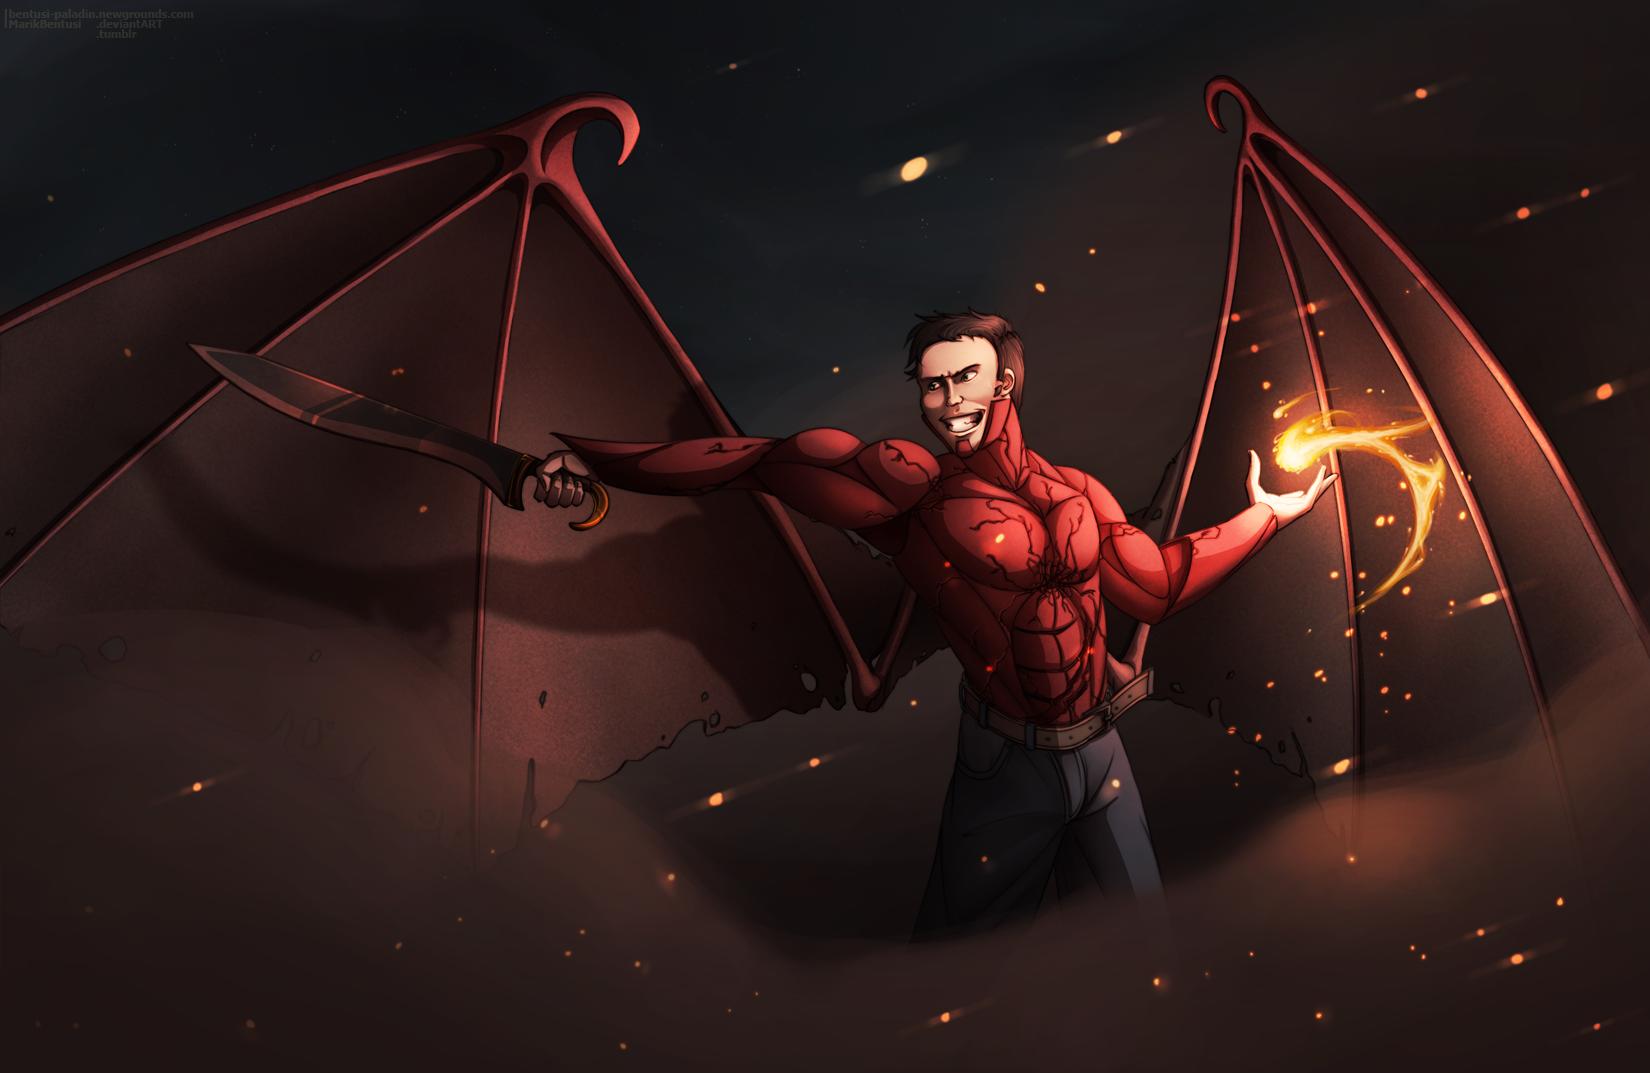 Someone's Red Bat Hero